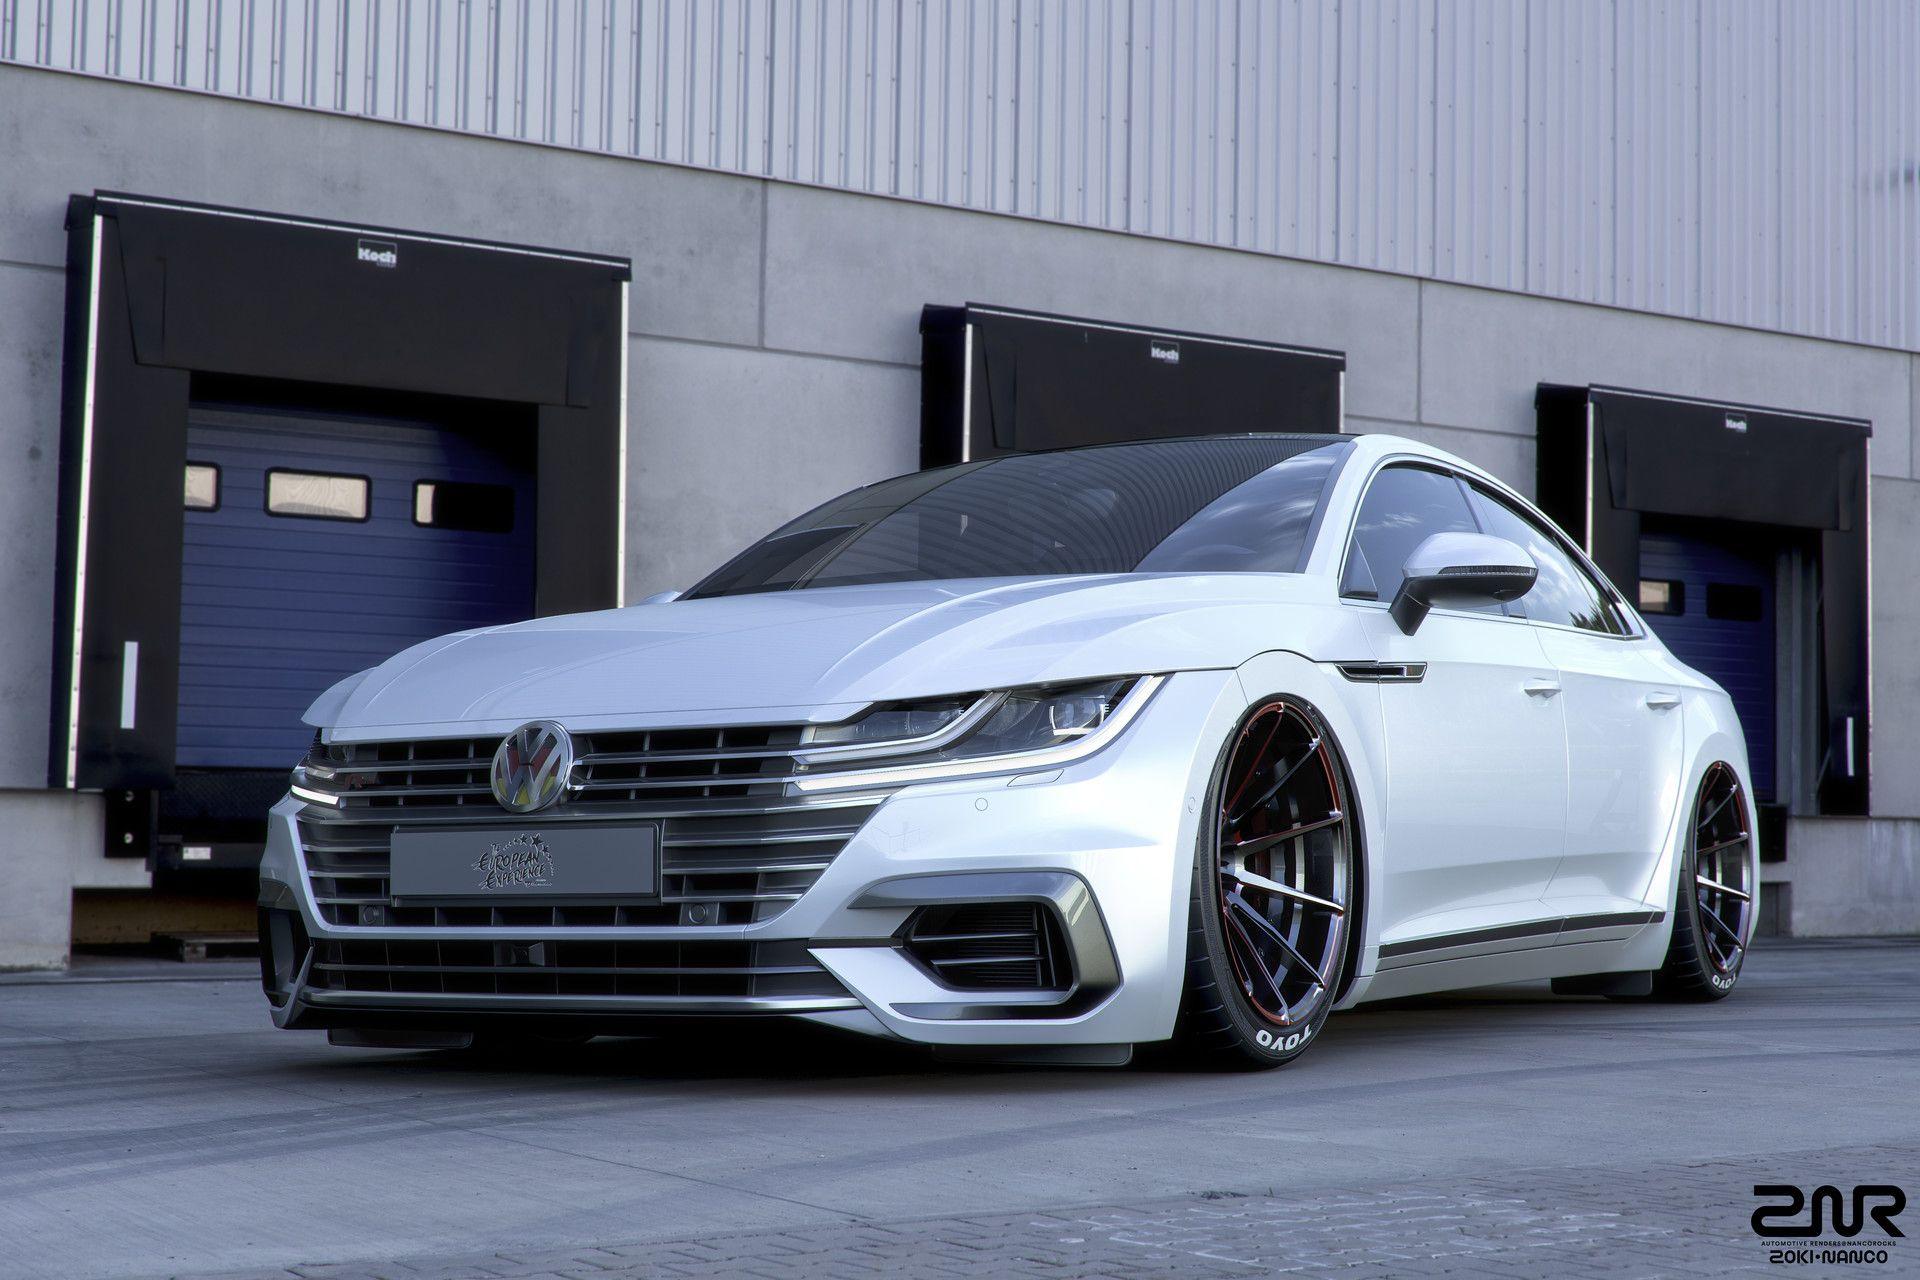 Volkswagen Arteon R Line Wallpaper For Android Volkswagen Cc Car Wheels Rims Volkswagen